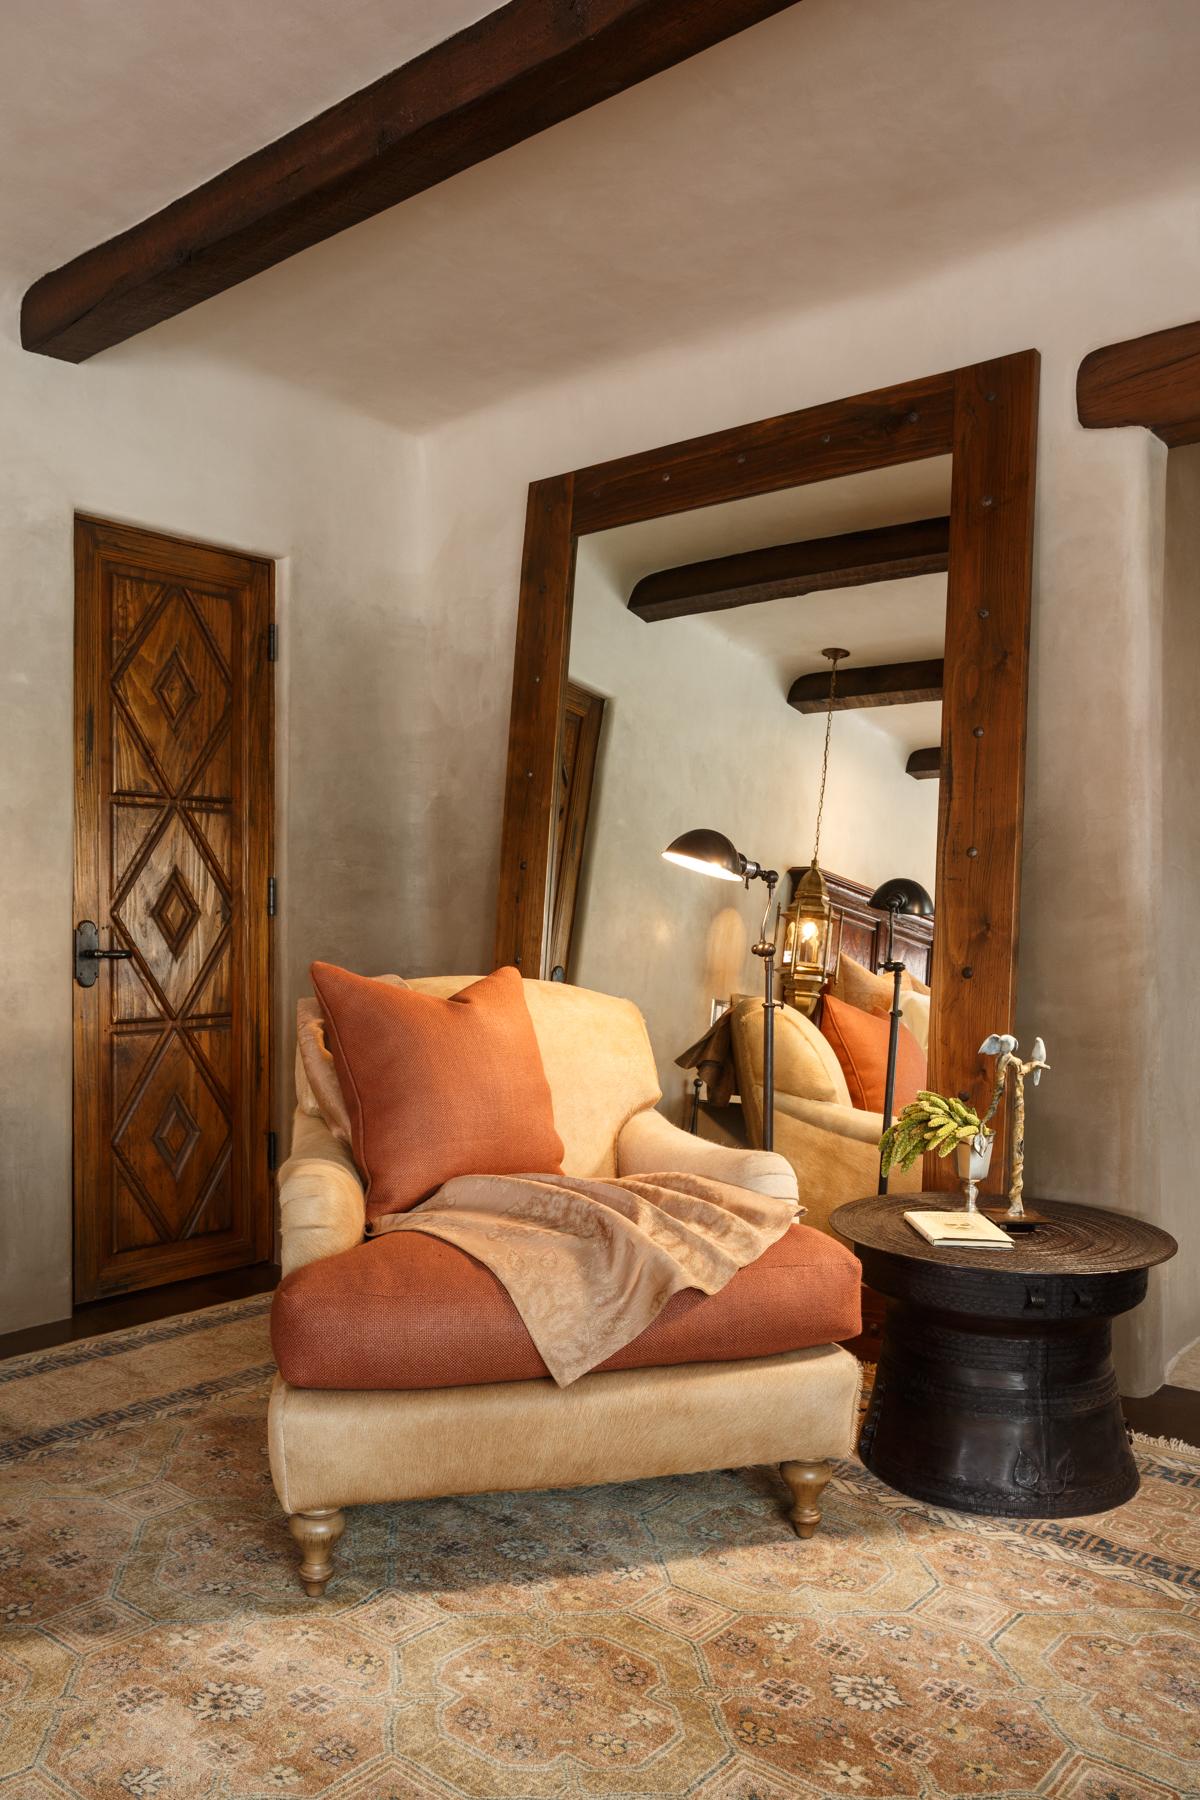 Interiors Santa Fe, Aspen, decoration